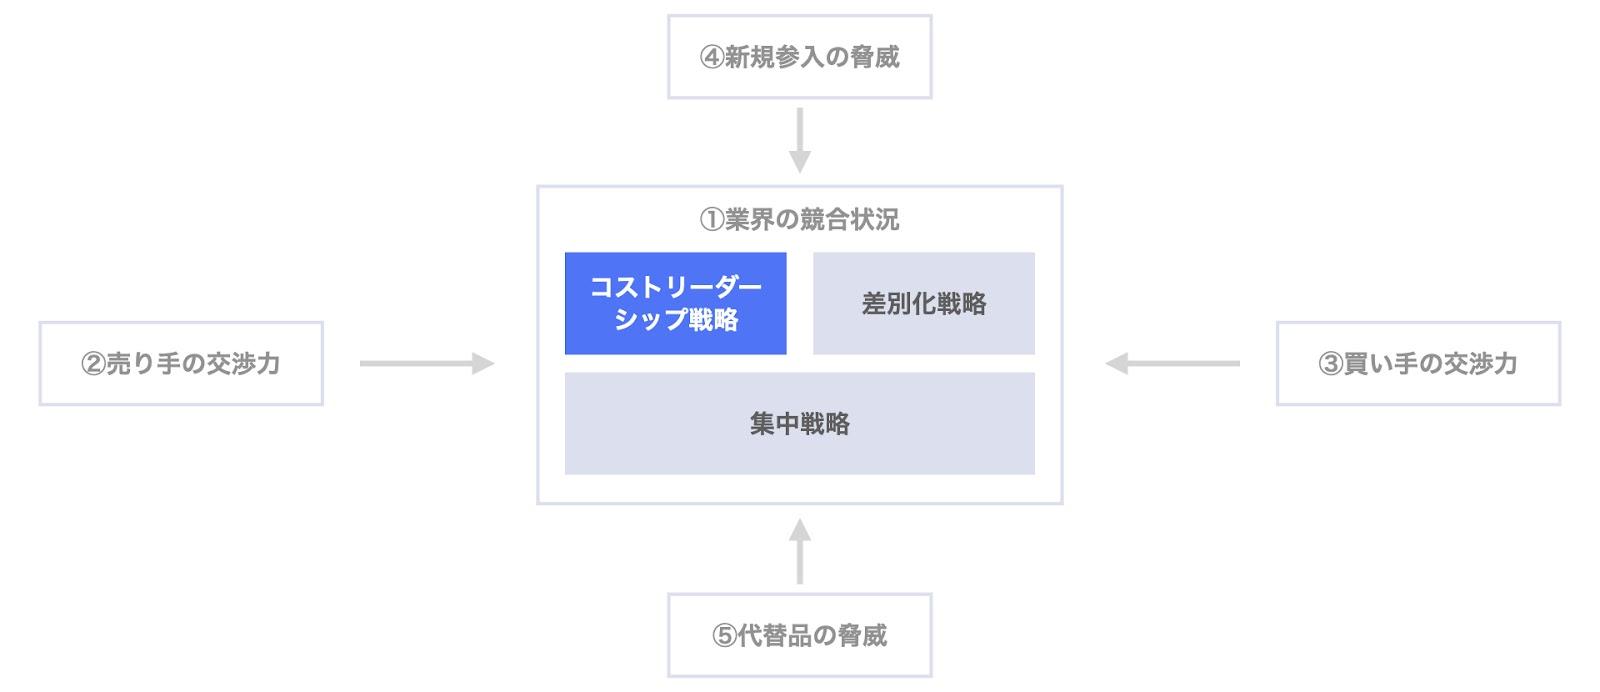 ポーターの3つの基本戦略:コストリーダーシップ戦略とファイブフォース分析の関係